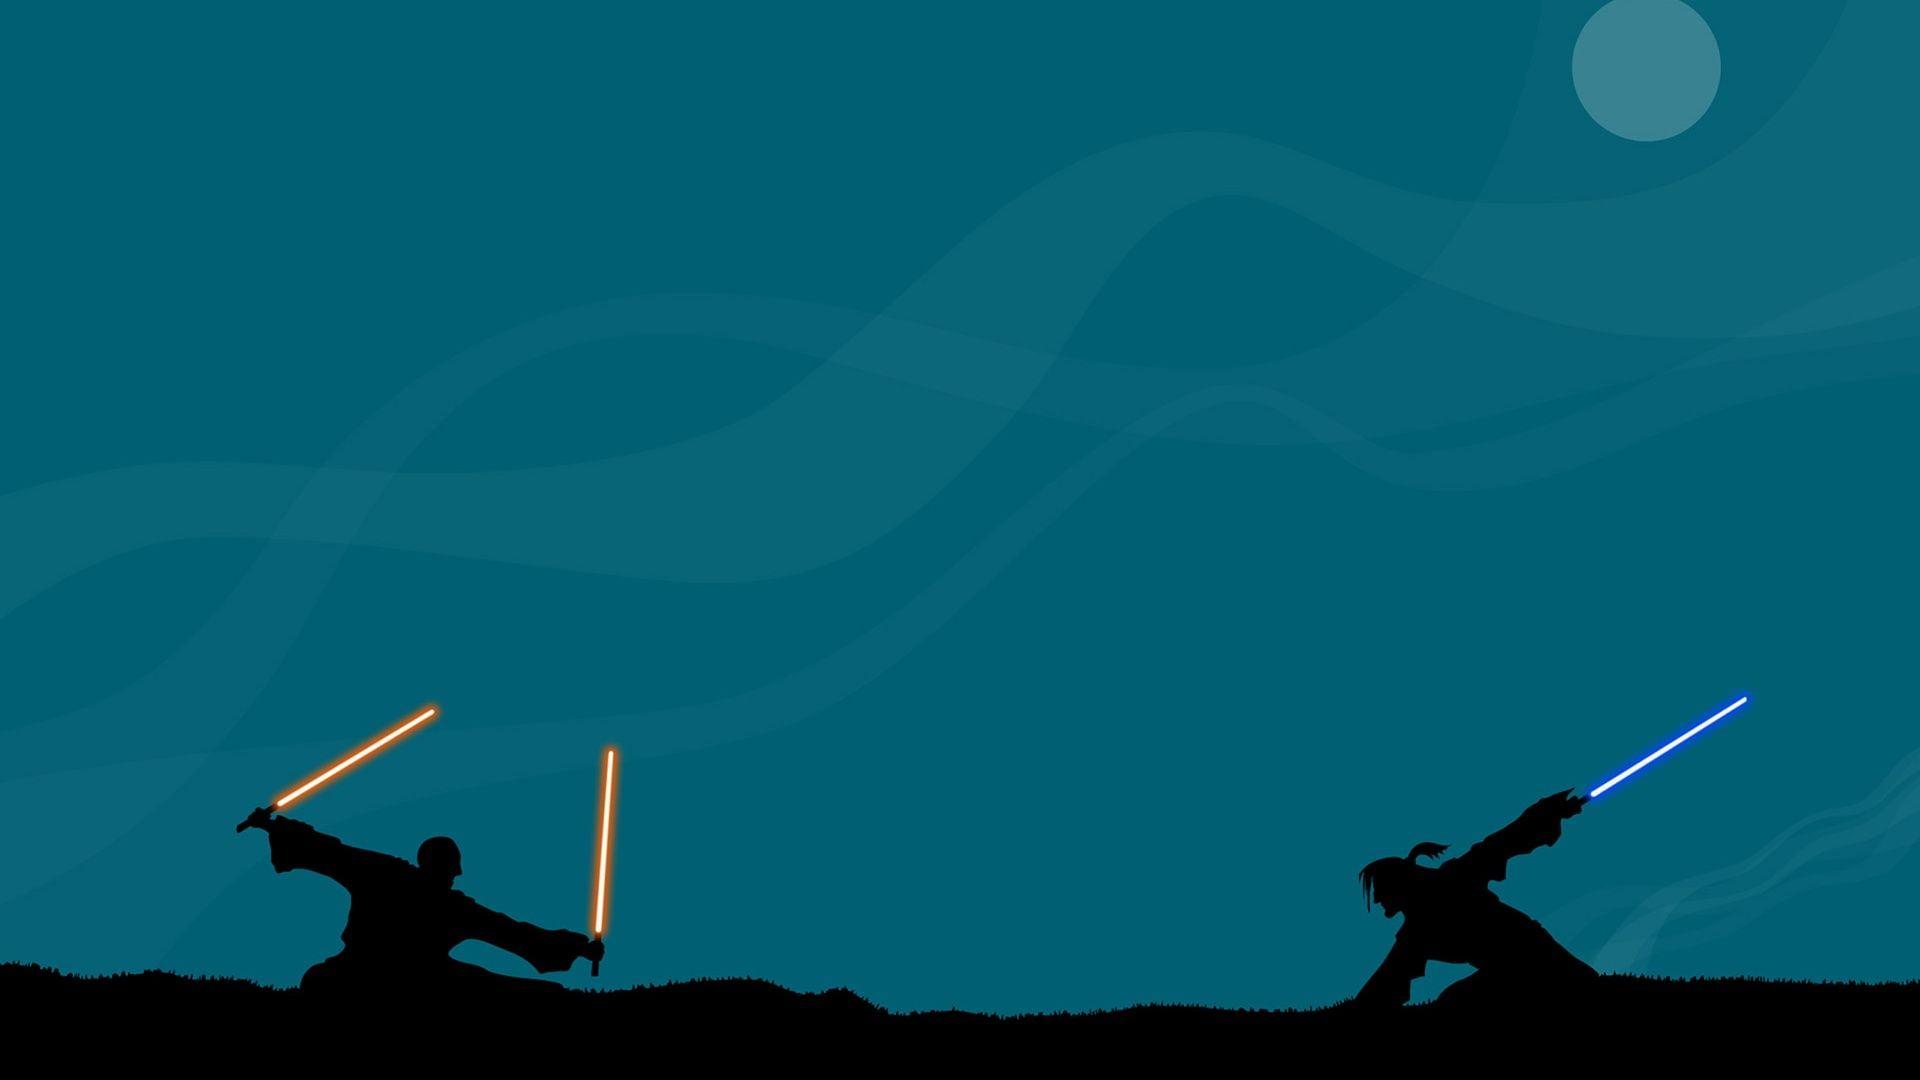 Star Wars Lightsaber fight digital wallpaper, Star Wars.